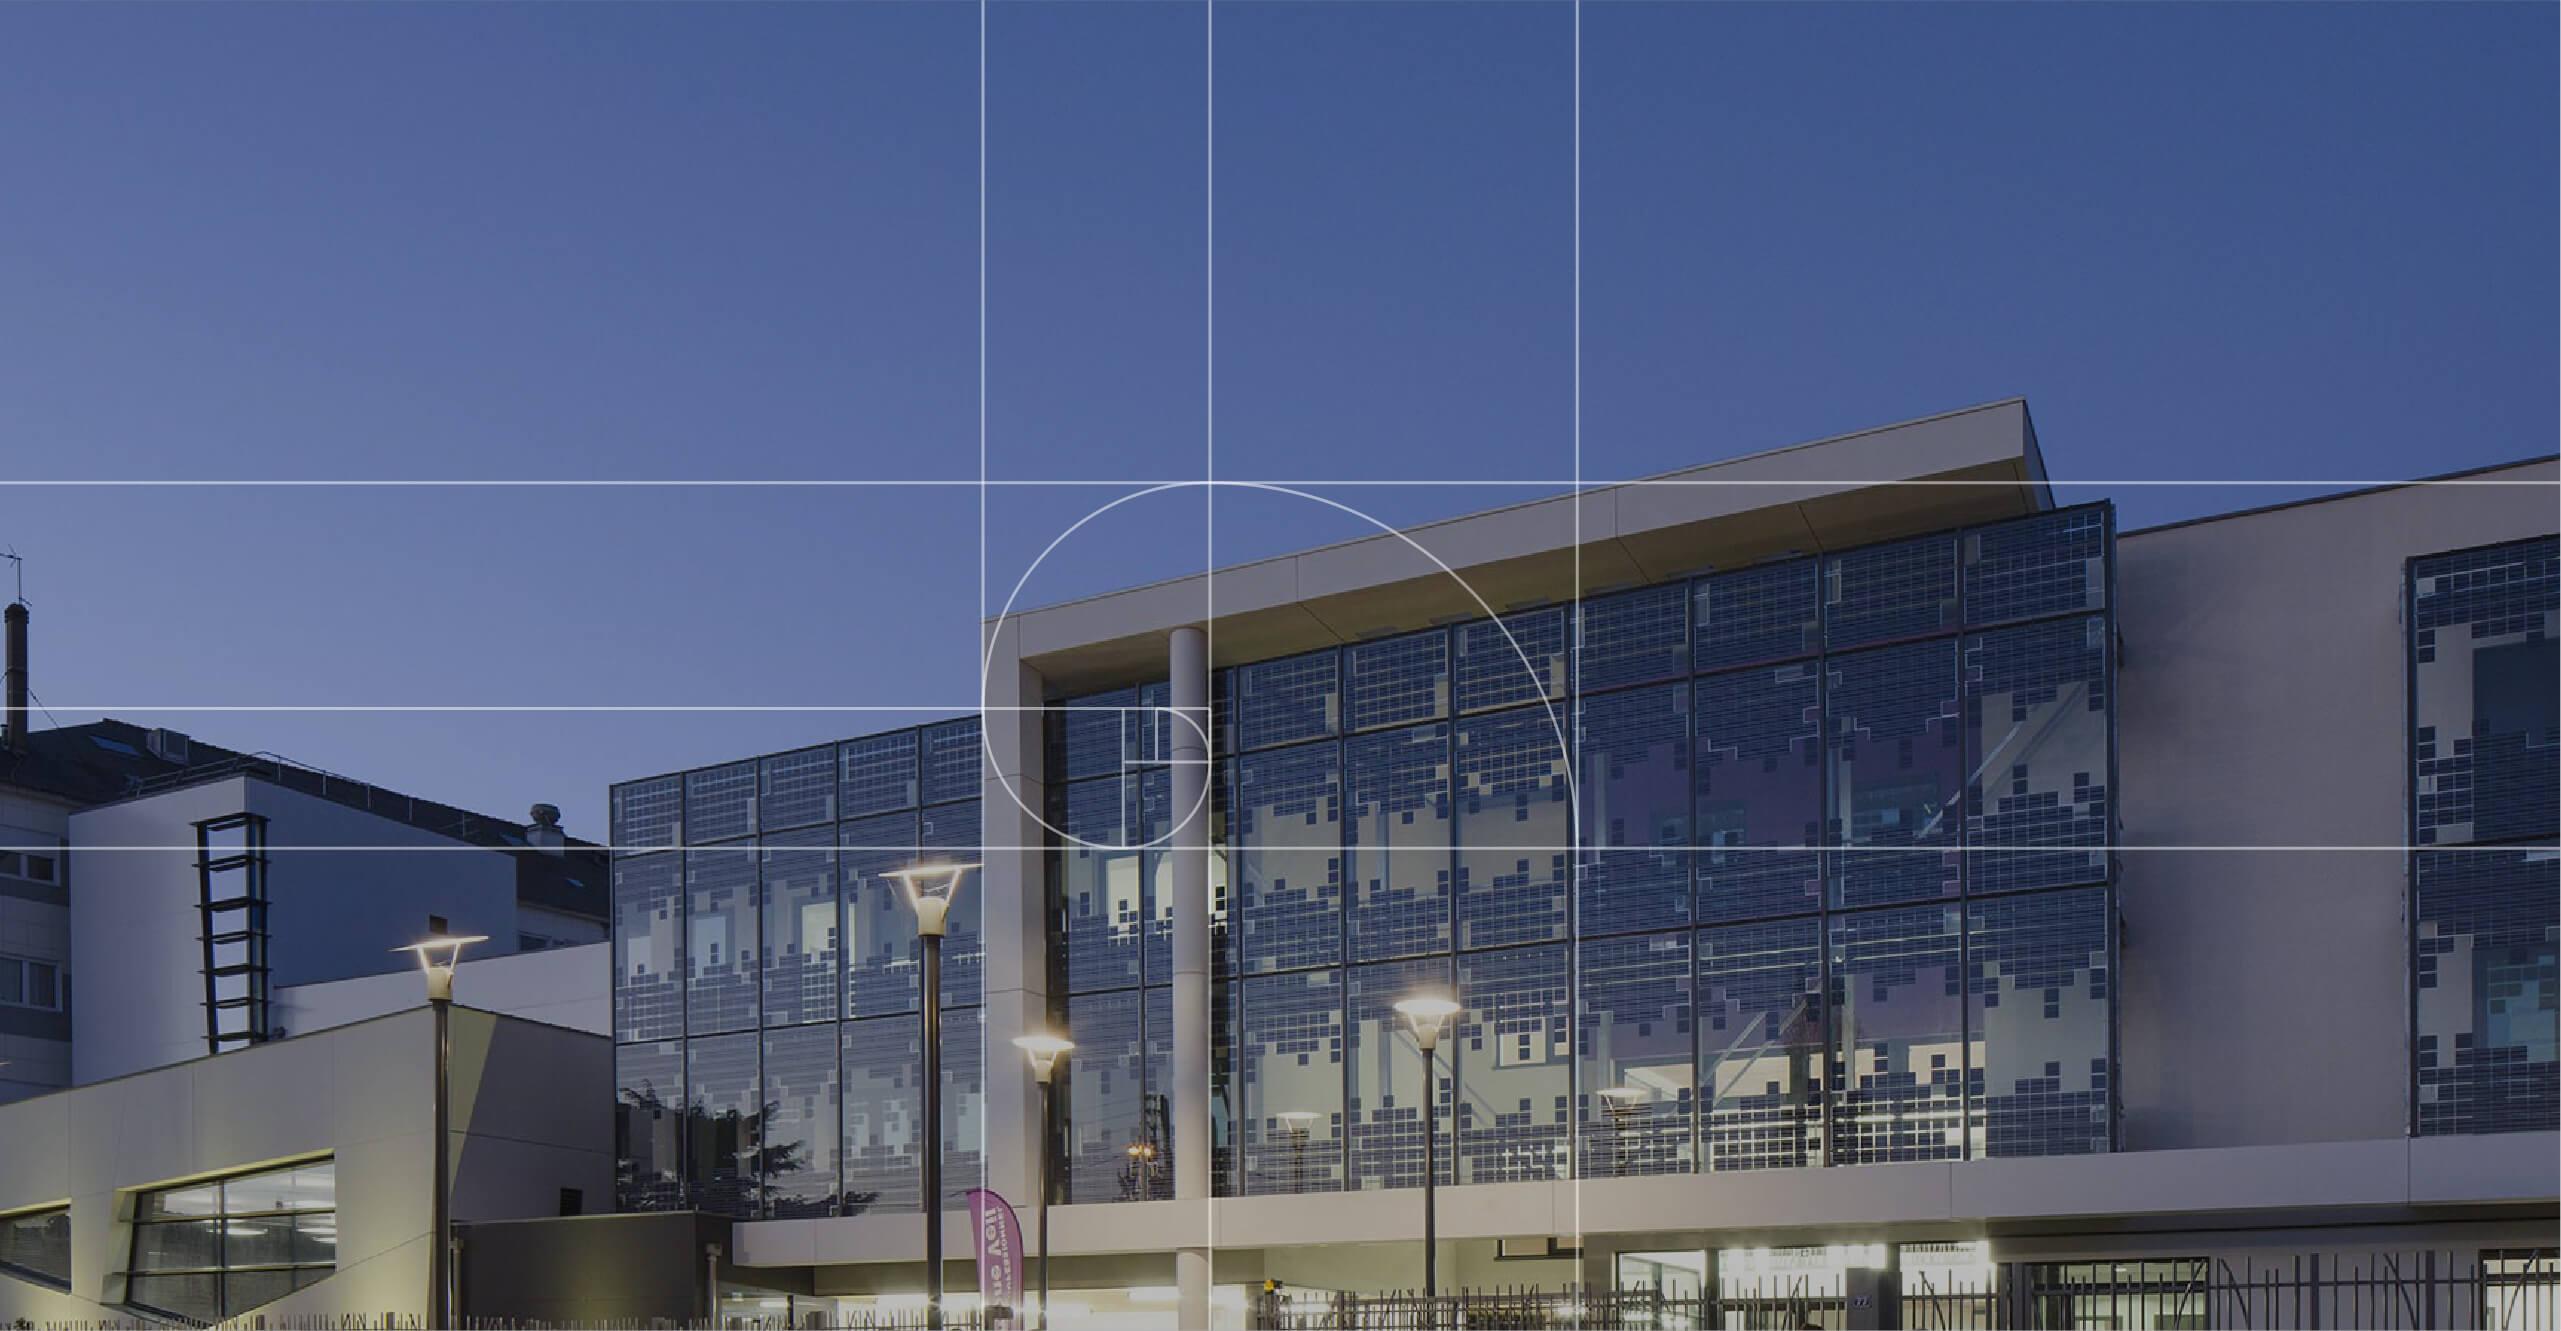 CRR Architecture